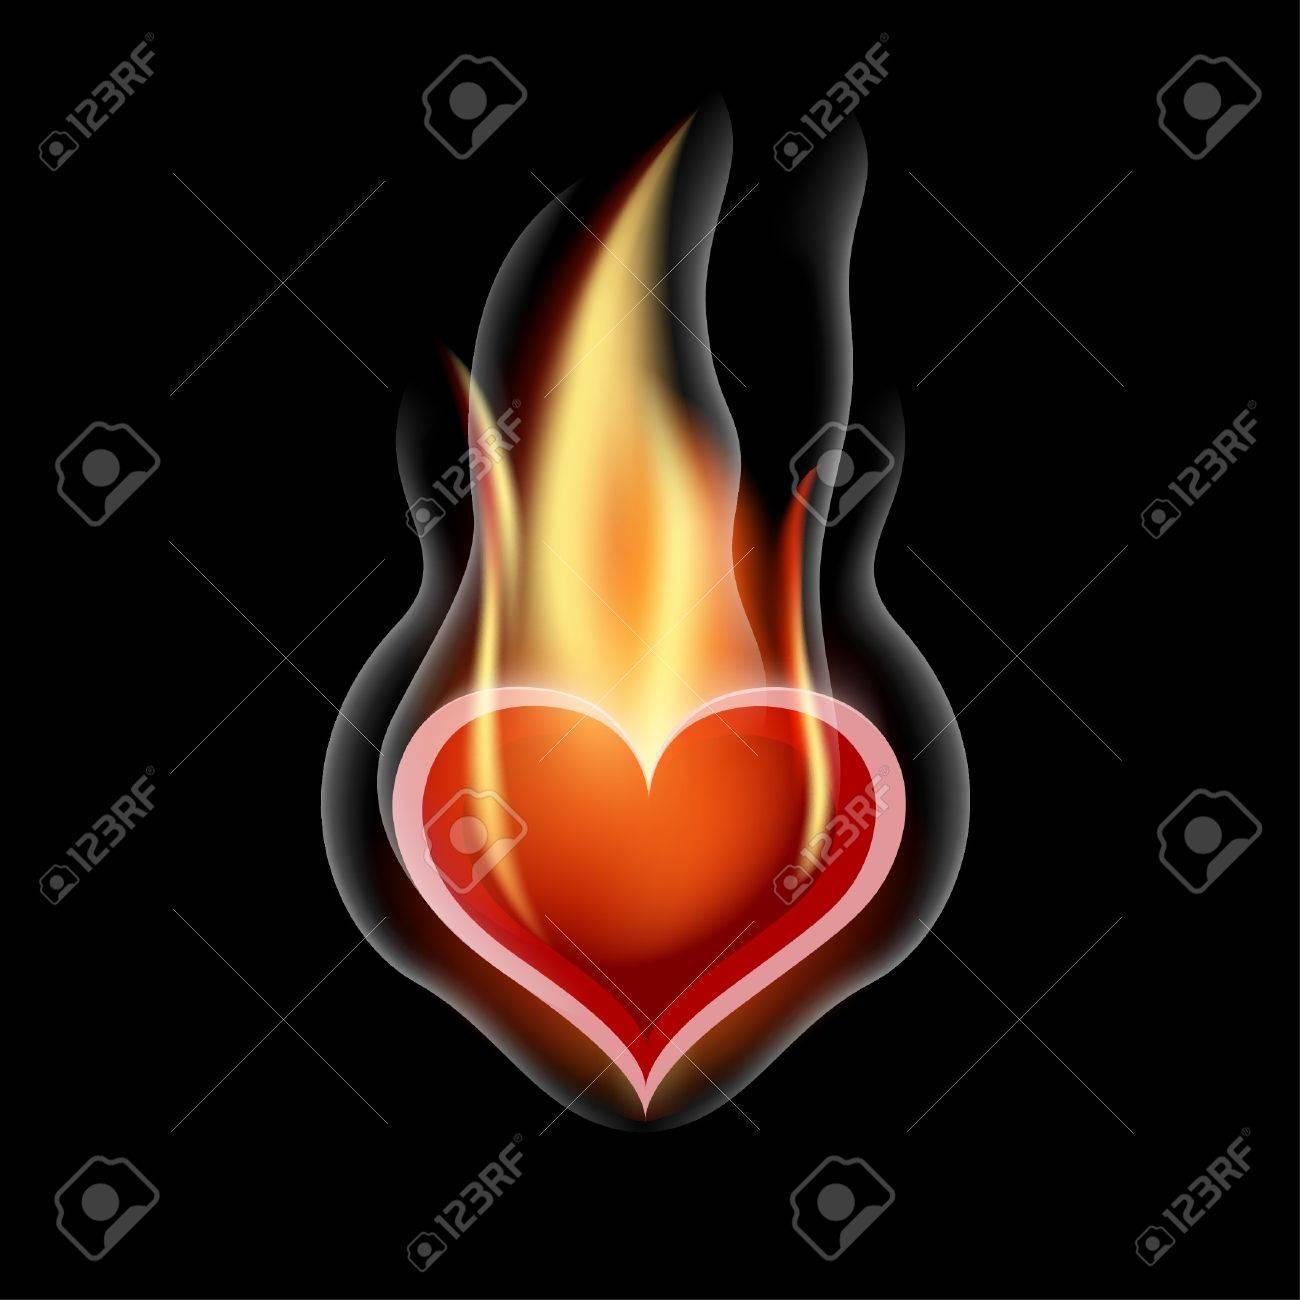 Burning Heart  Illustration for design on black background Stock Vector - 17448986